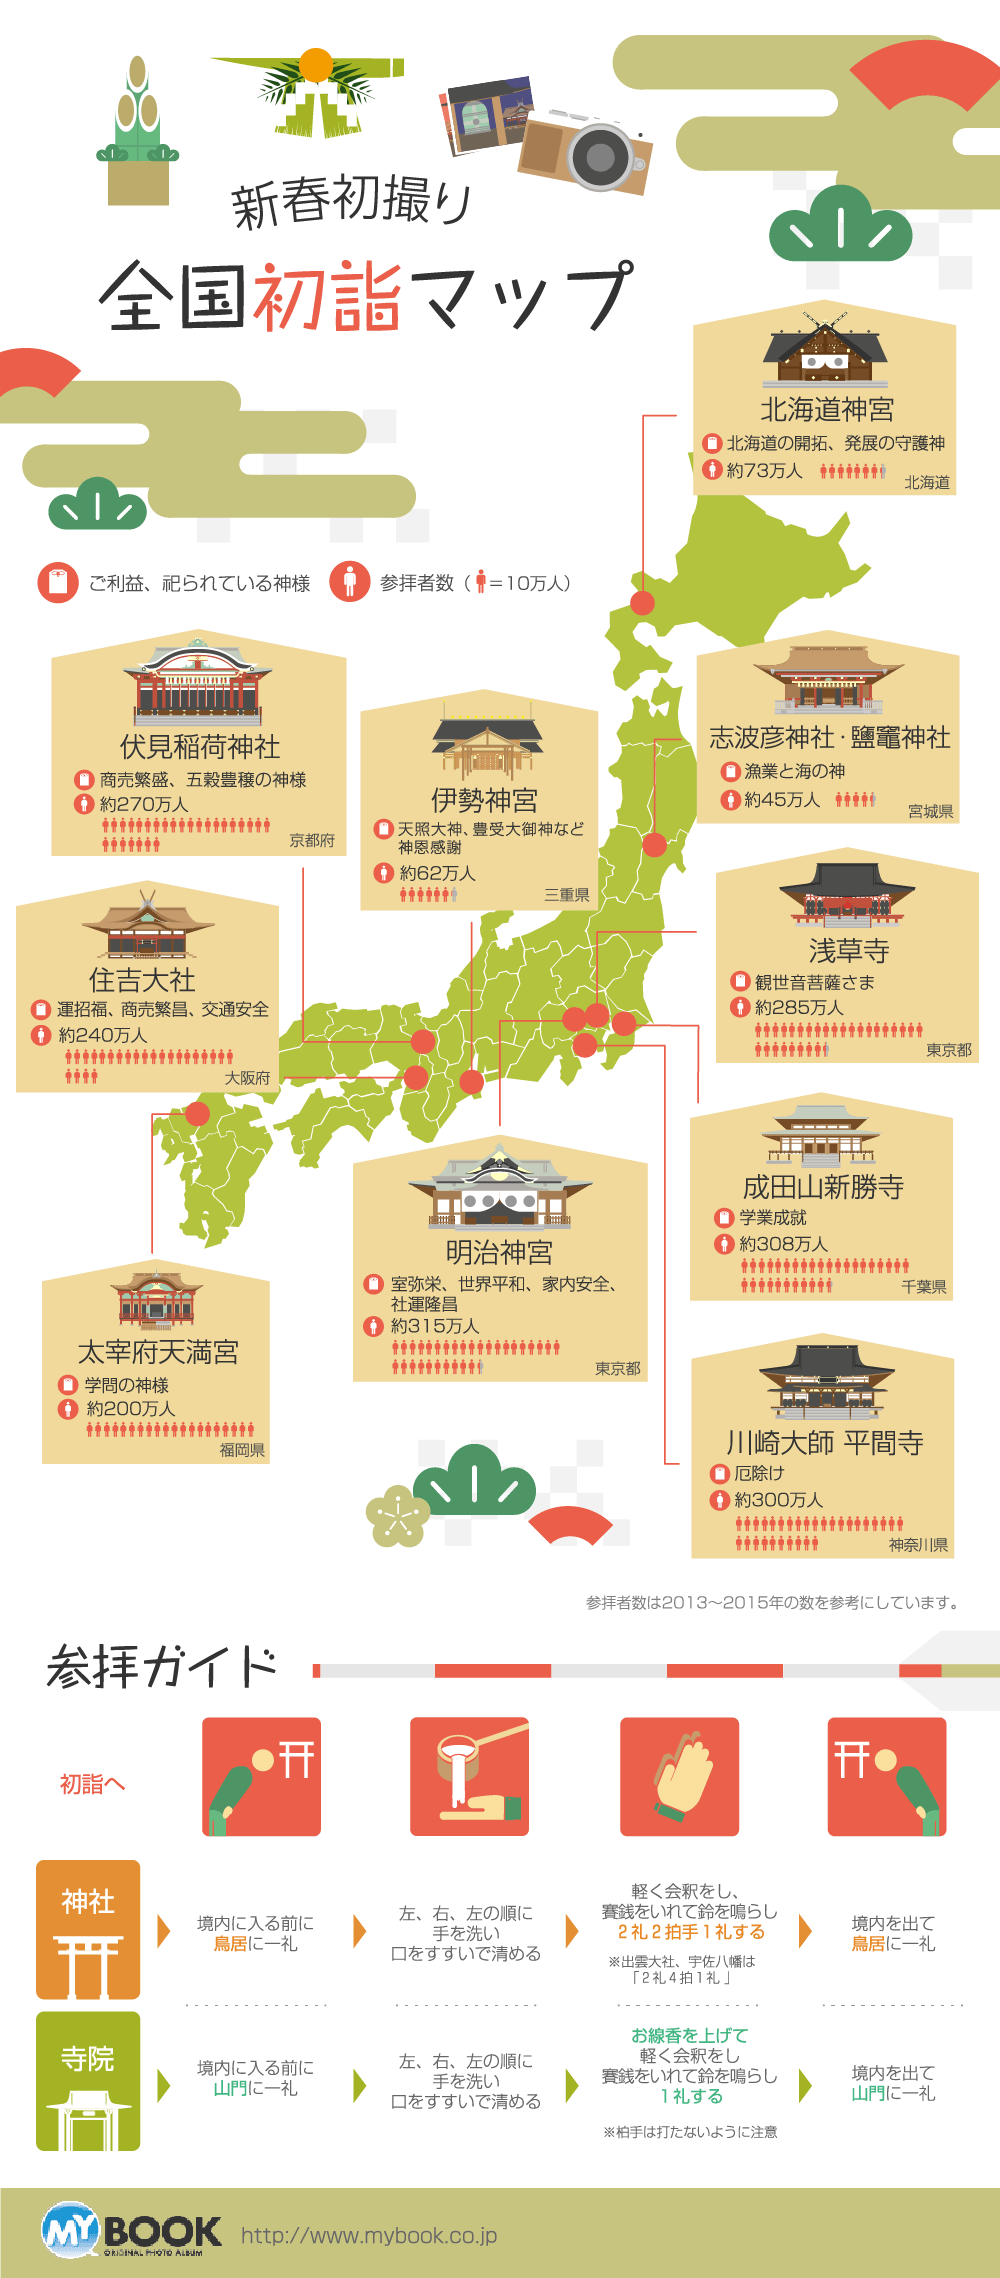 お正月といえば初詣! 「新春初撮り 全国初詣マップ」